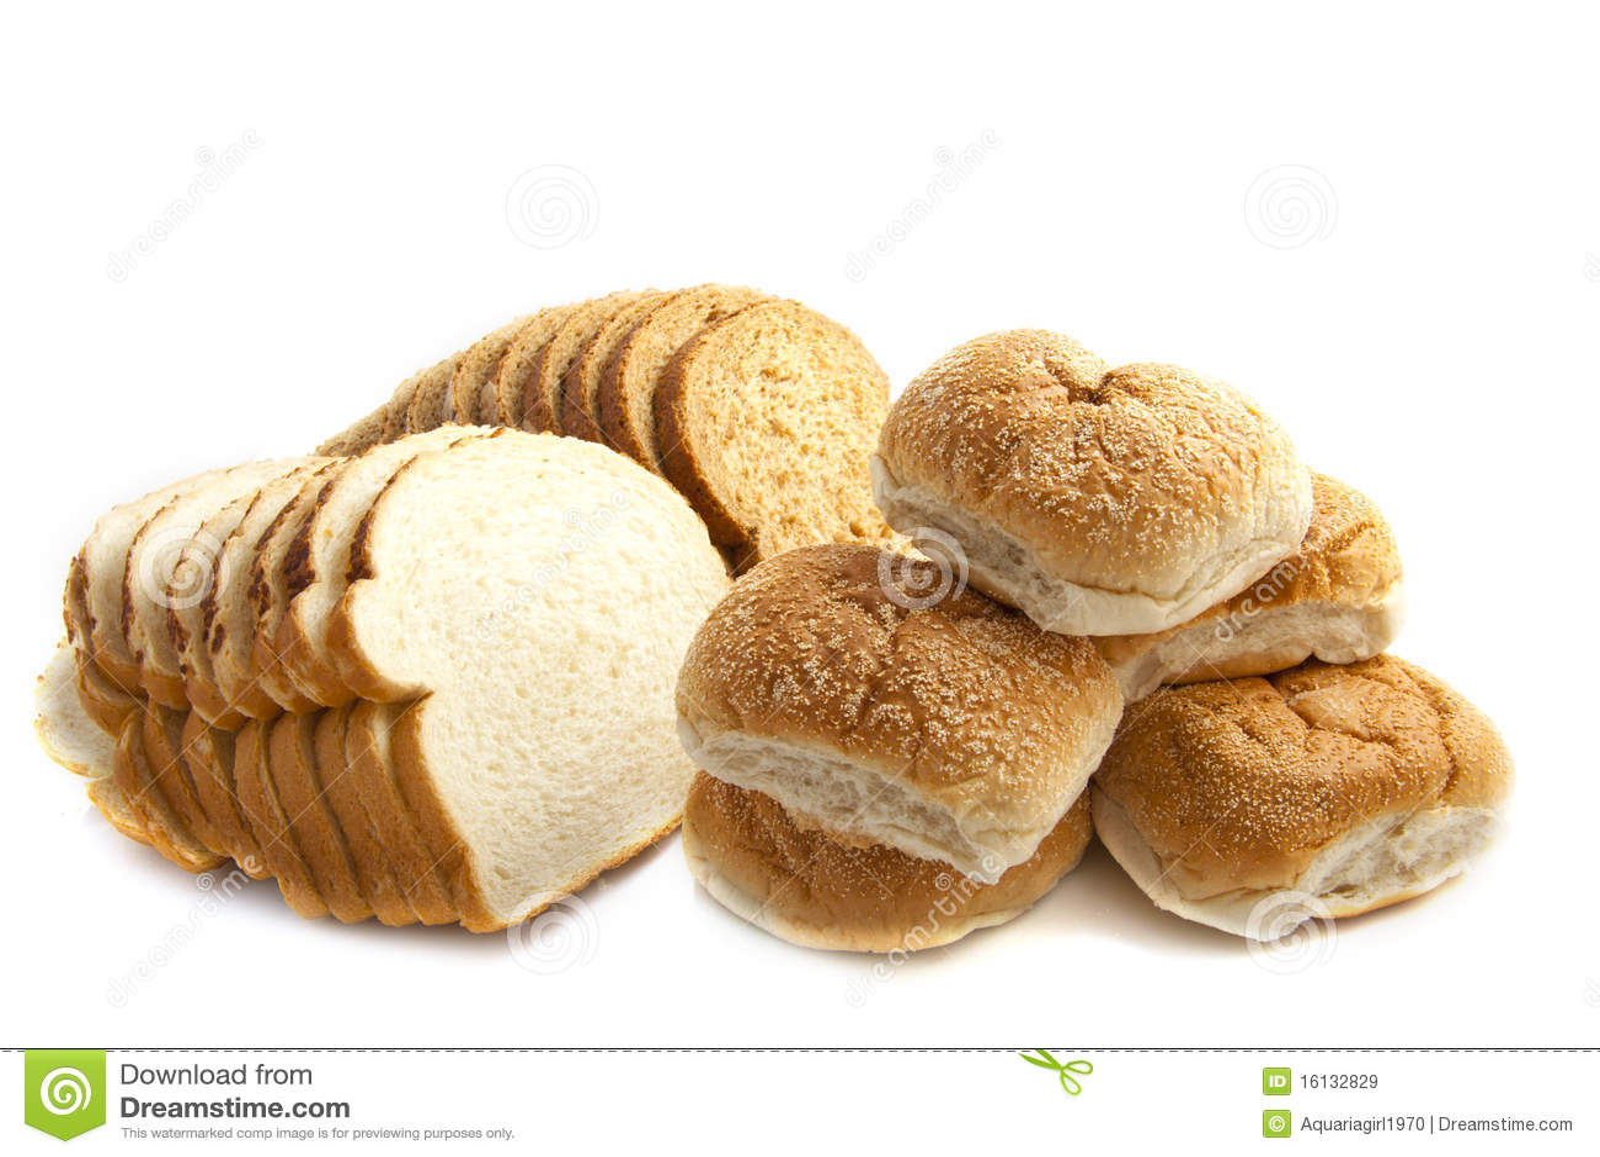 Assorti do pão